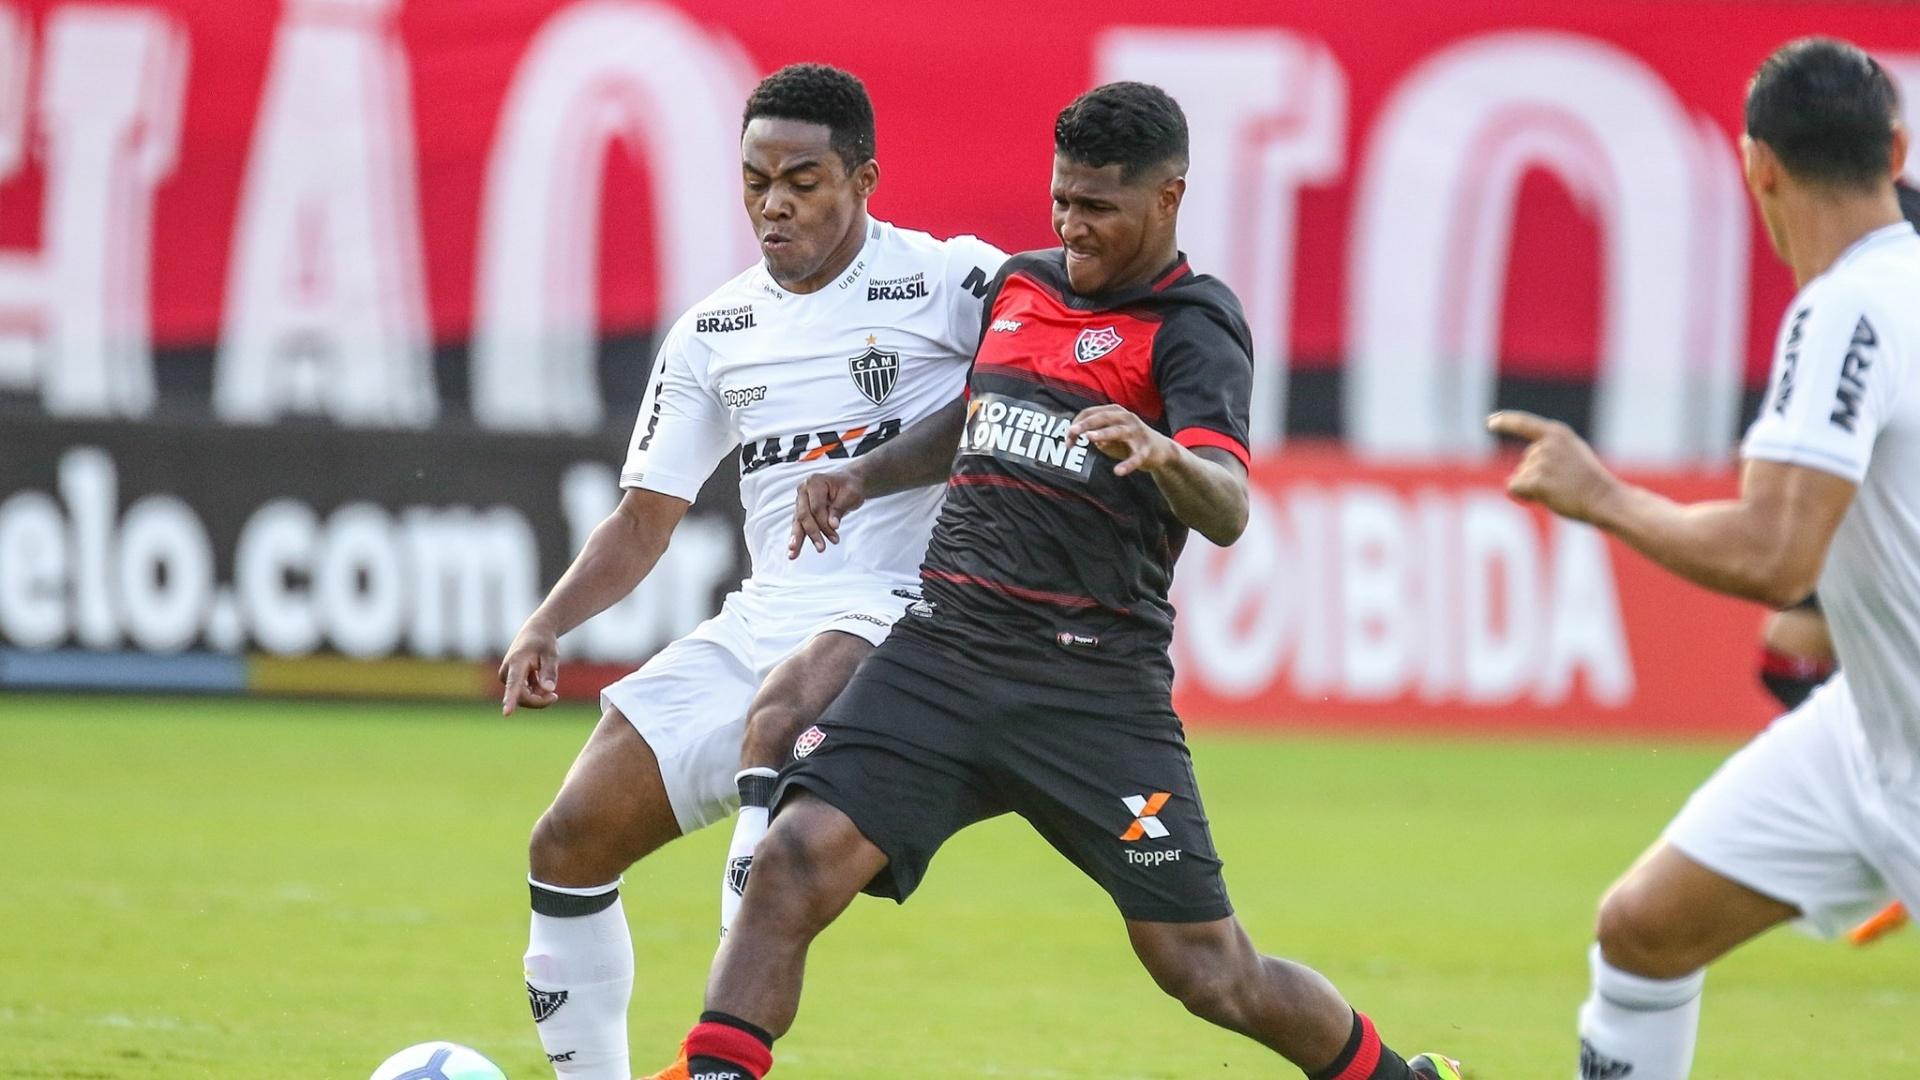 Jogadores de Vitória e Atlético-MG disputam a bola em jogo do Brasileiro